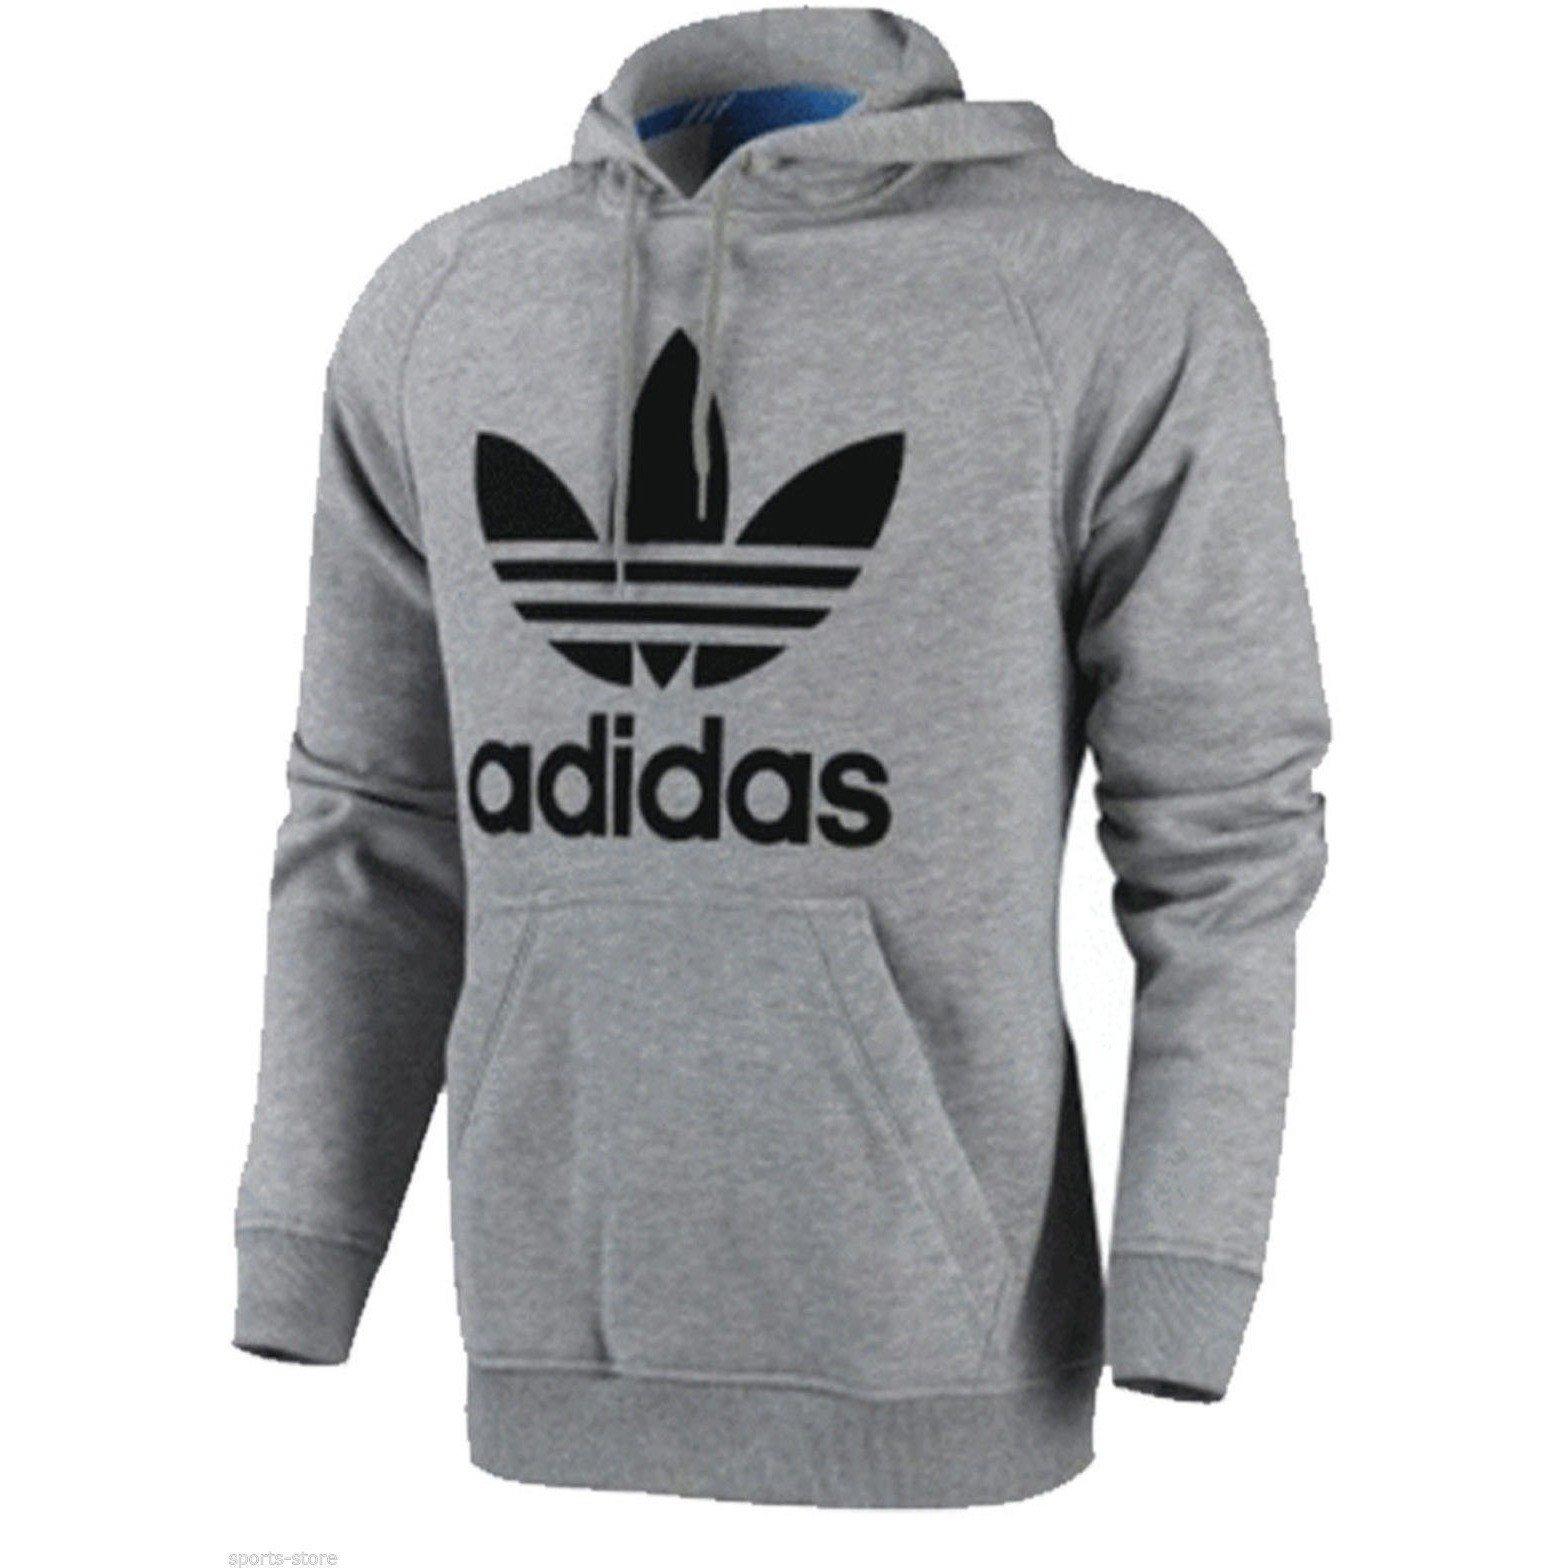 adidas sweatshirt ... men adidas originals trefoil hoody ... ZZJCVVT